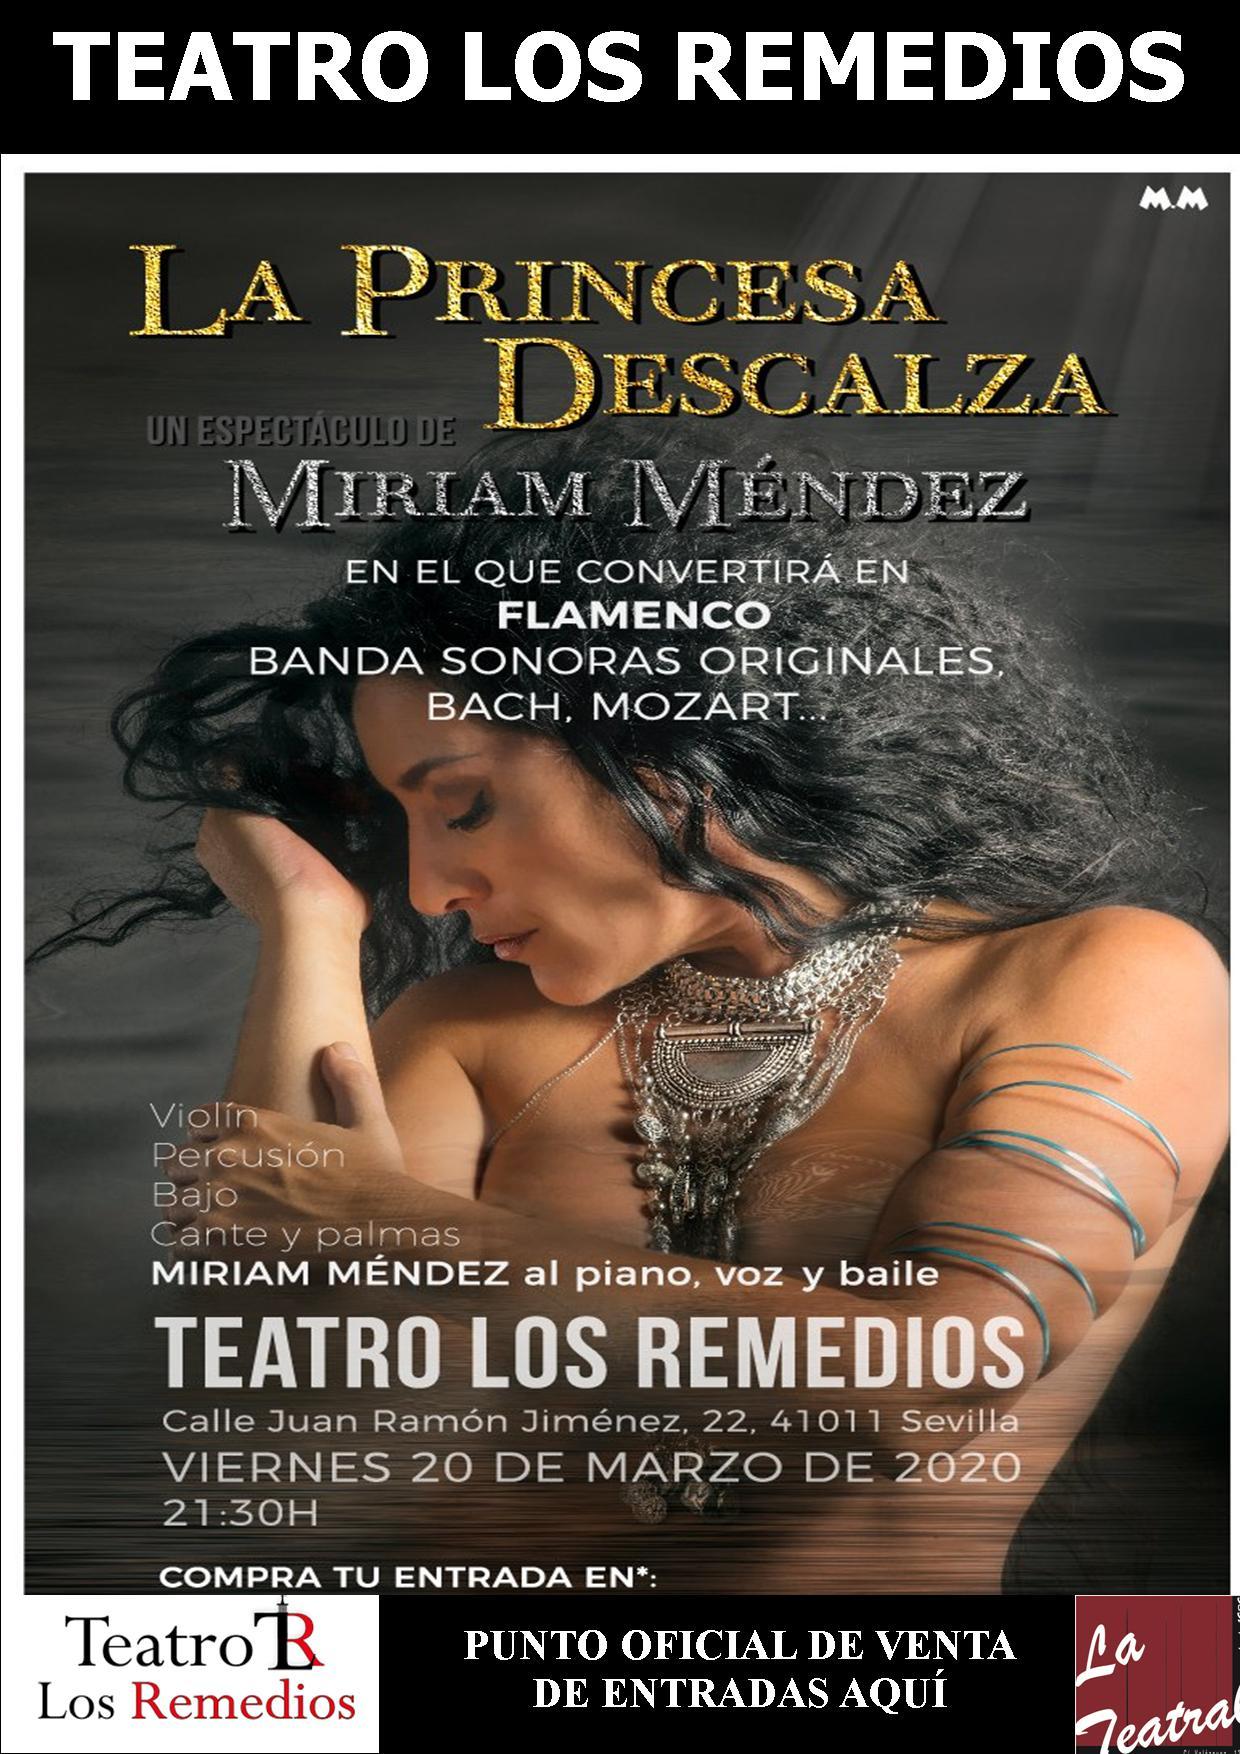 teatro los remedios - La princesa Descalza